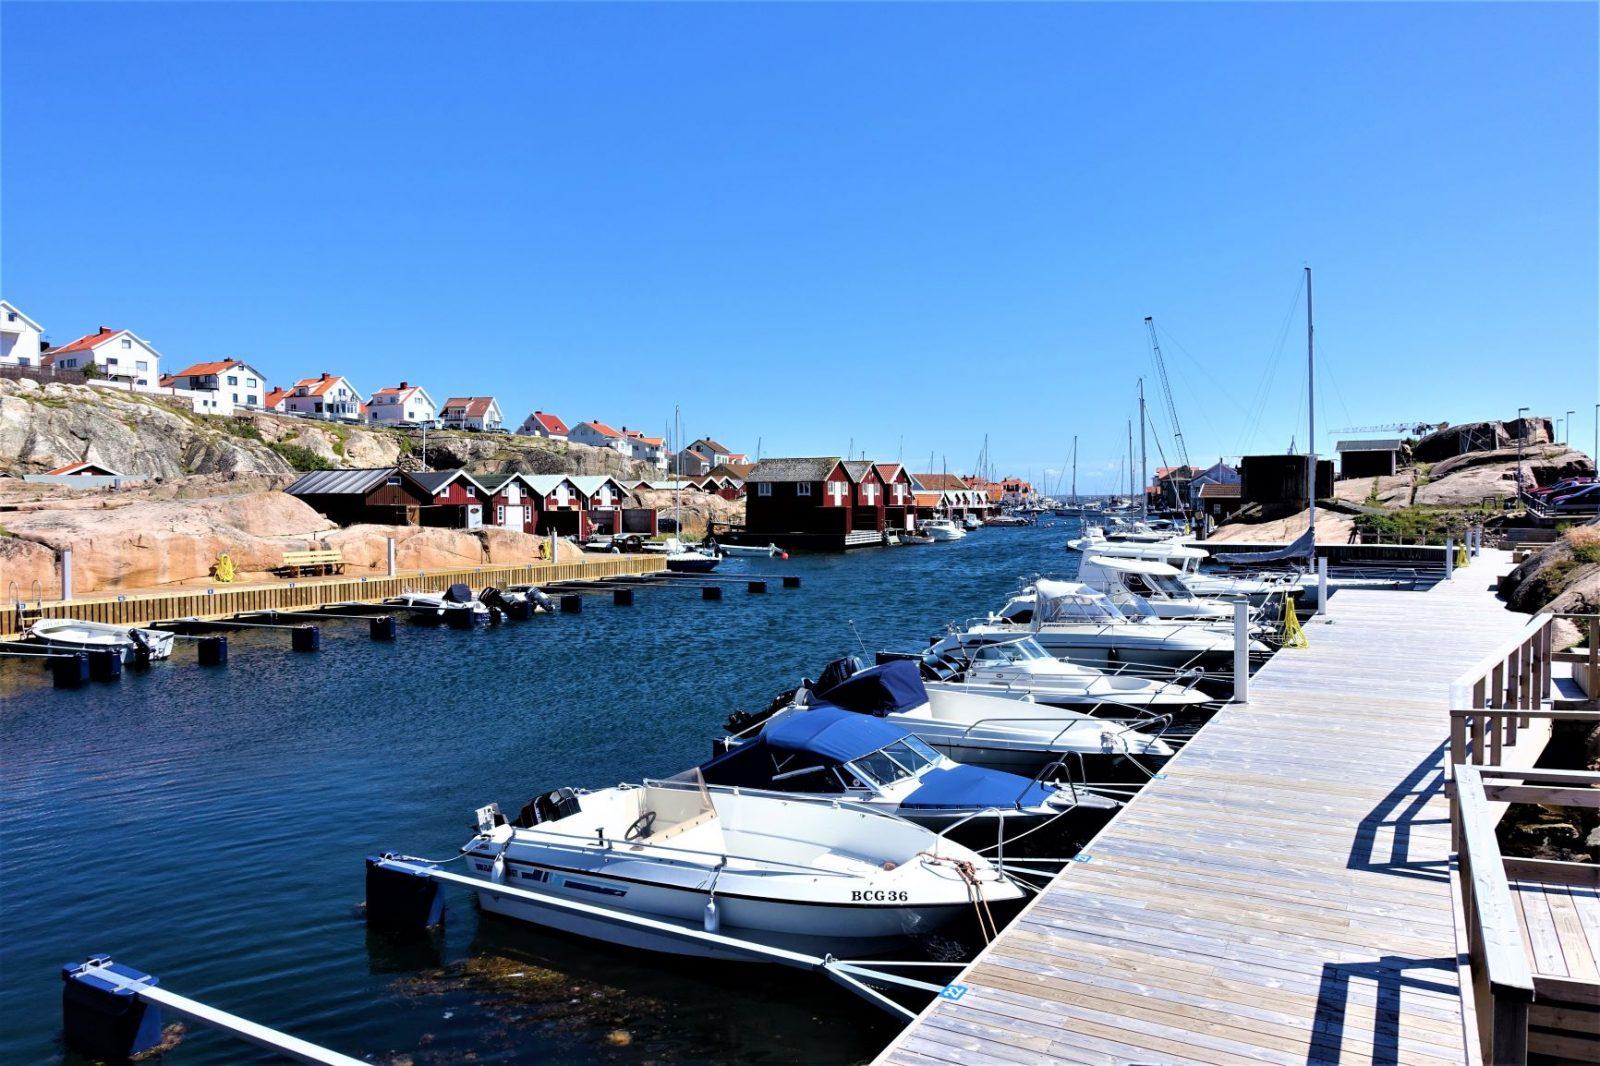 småbåthavn i smøgen